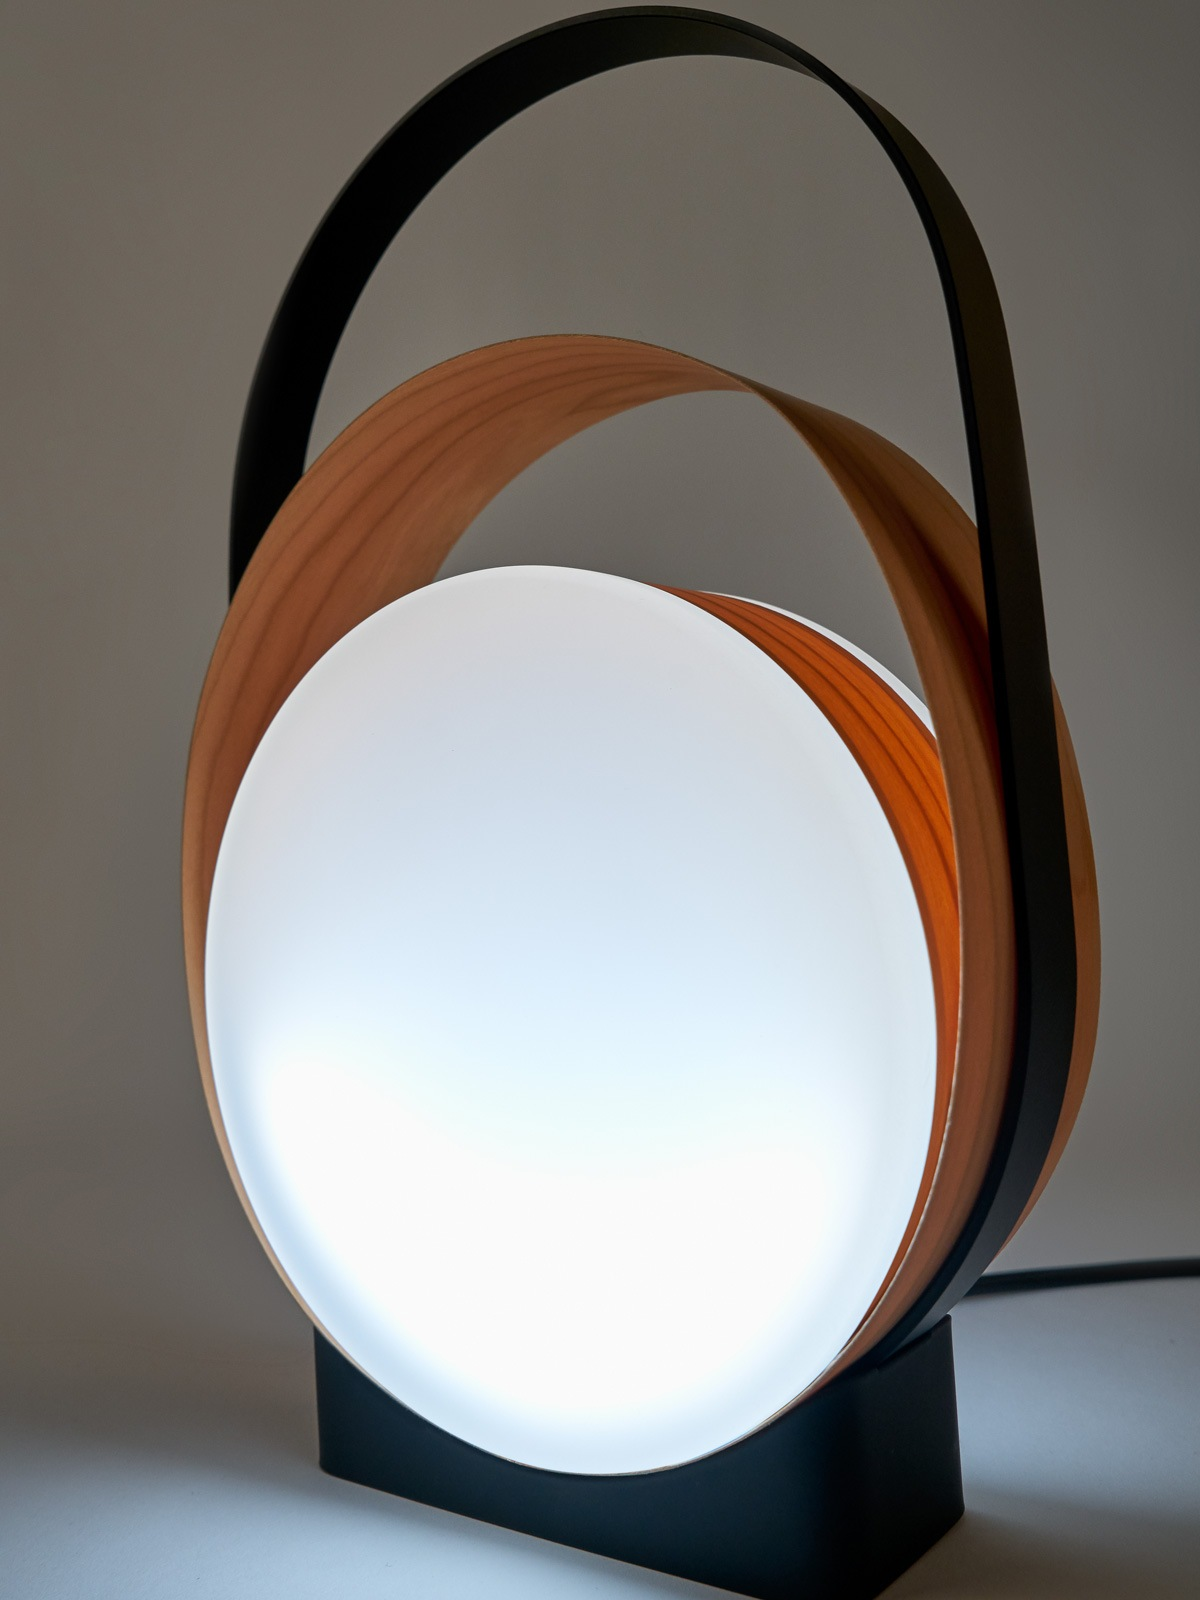 Loop Detail LZF Tischlampe DesignOrt Lampen Berlin